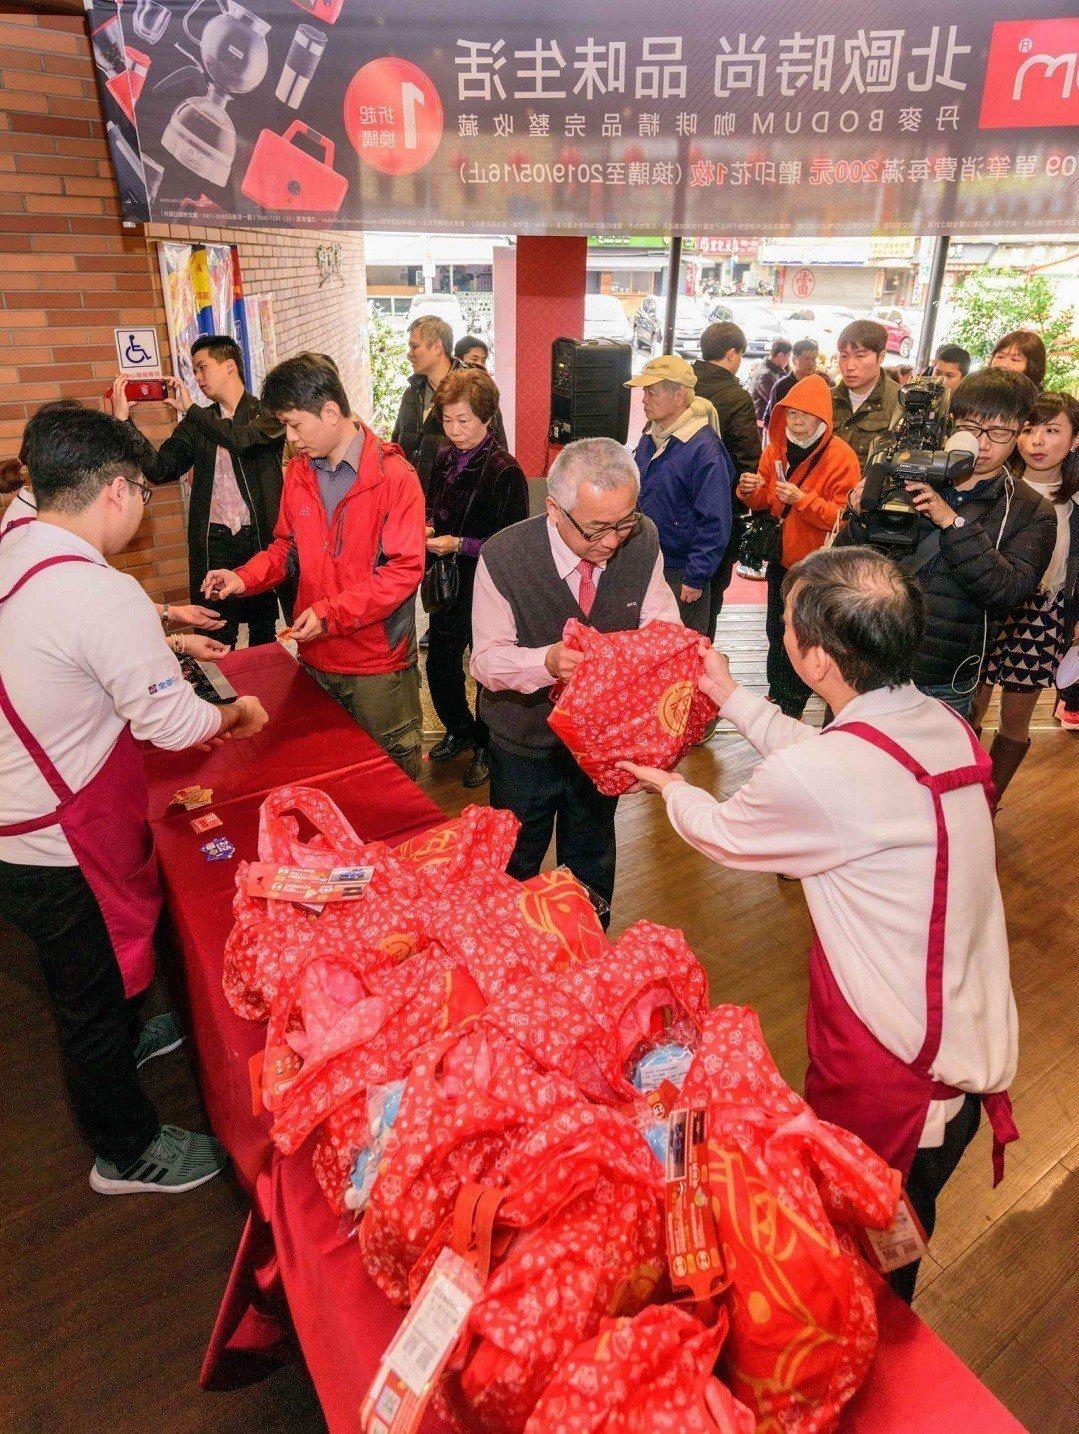 全聯豬年福袋全台門市初一早上9點準時開賣,吸引不少民眾搶購。圖/全聯提供